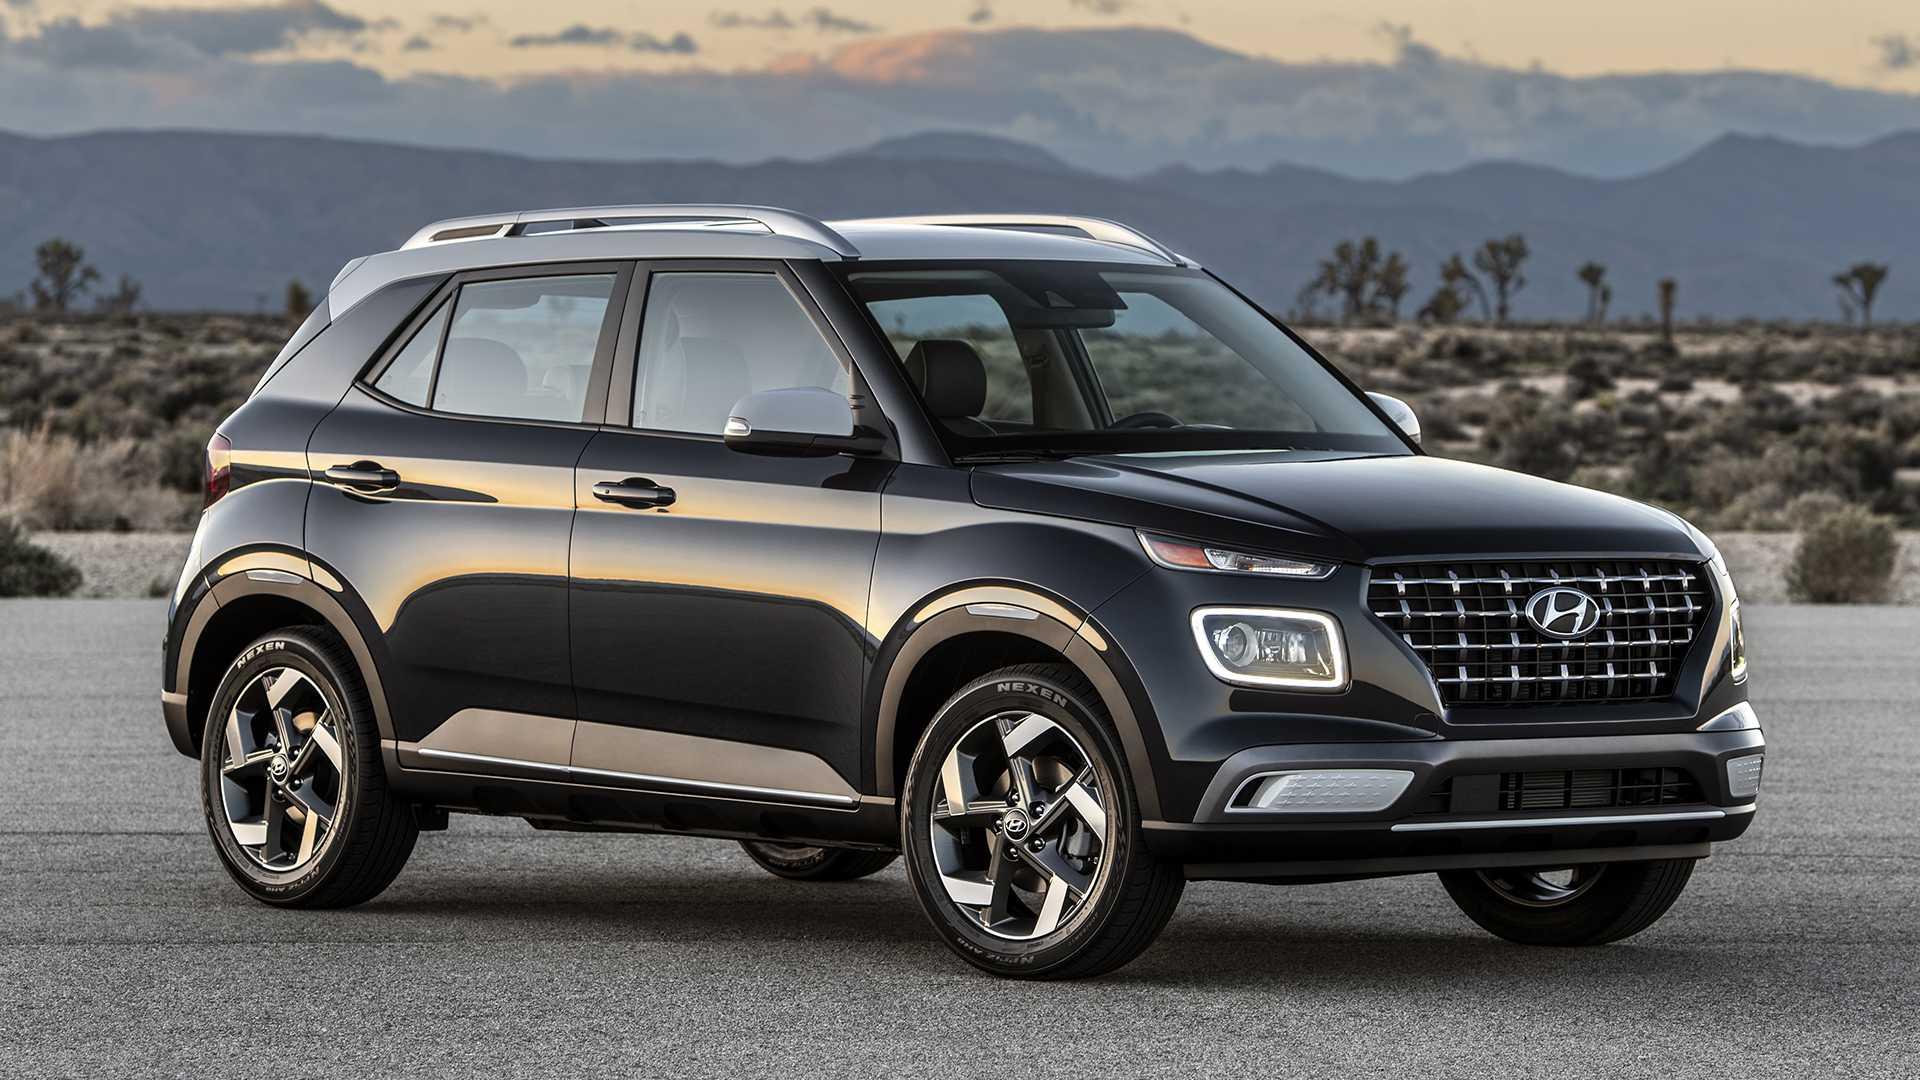 Hyundai Venue News and Reviews Motor1com 1920x1080